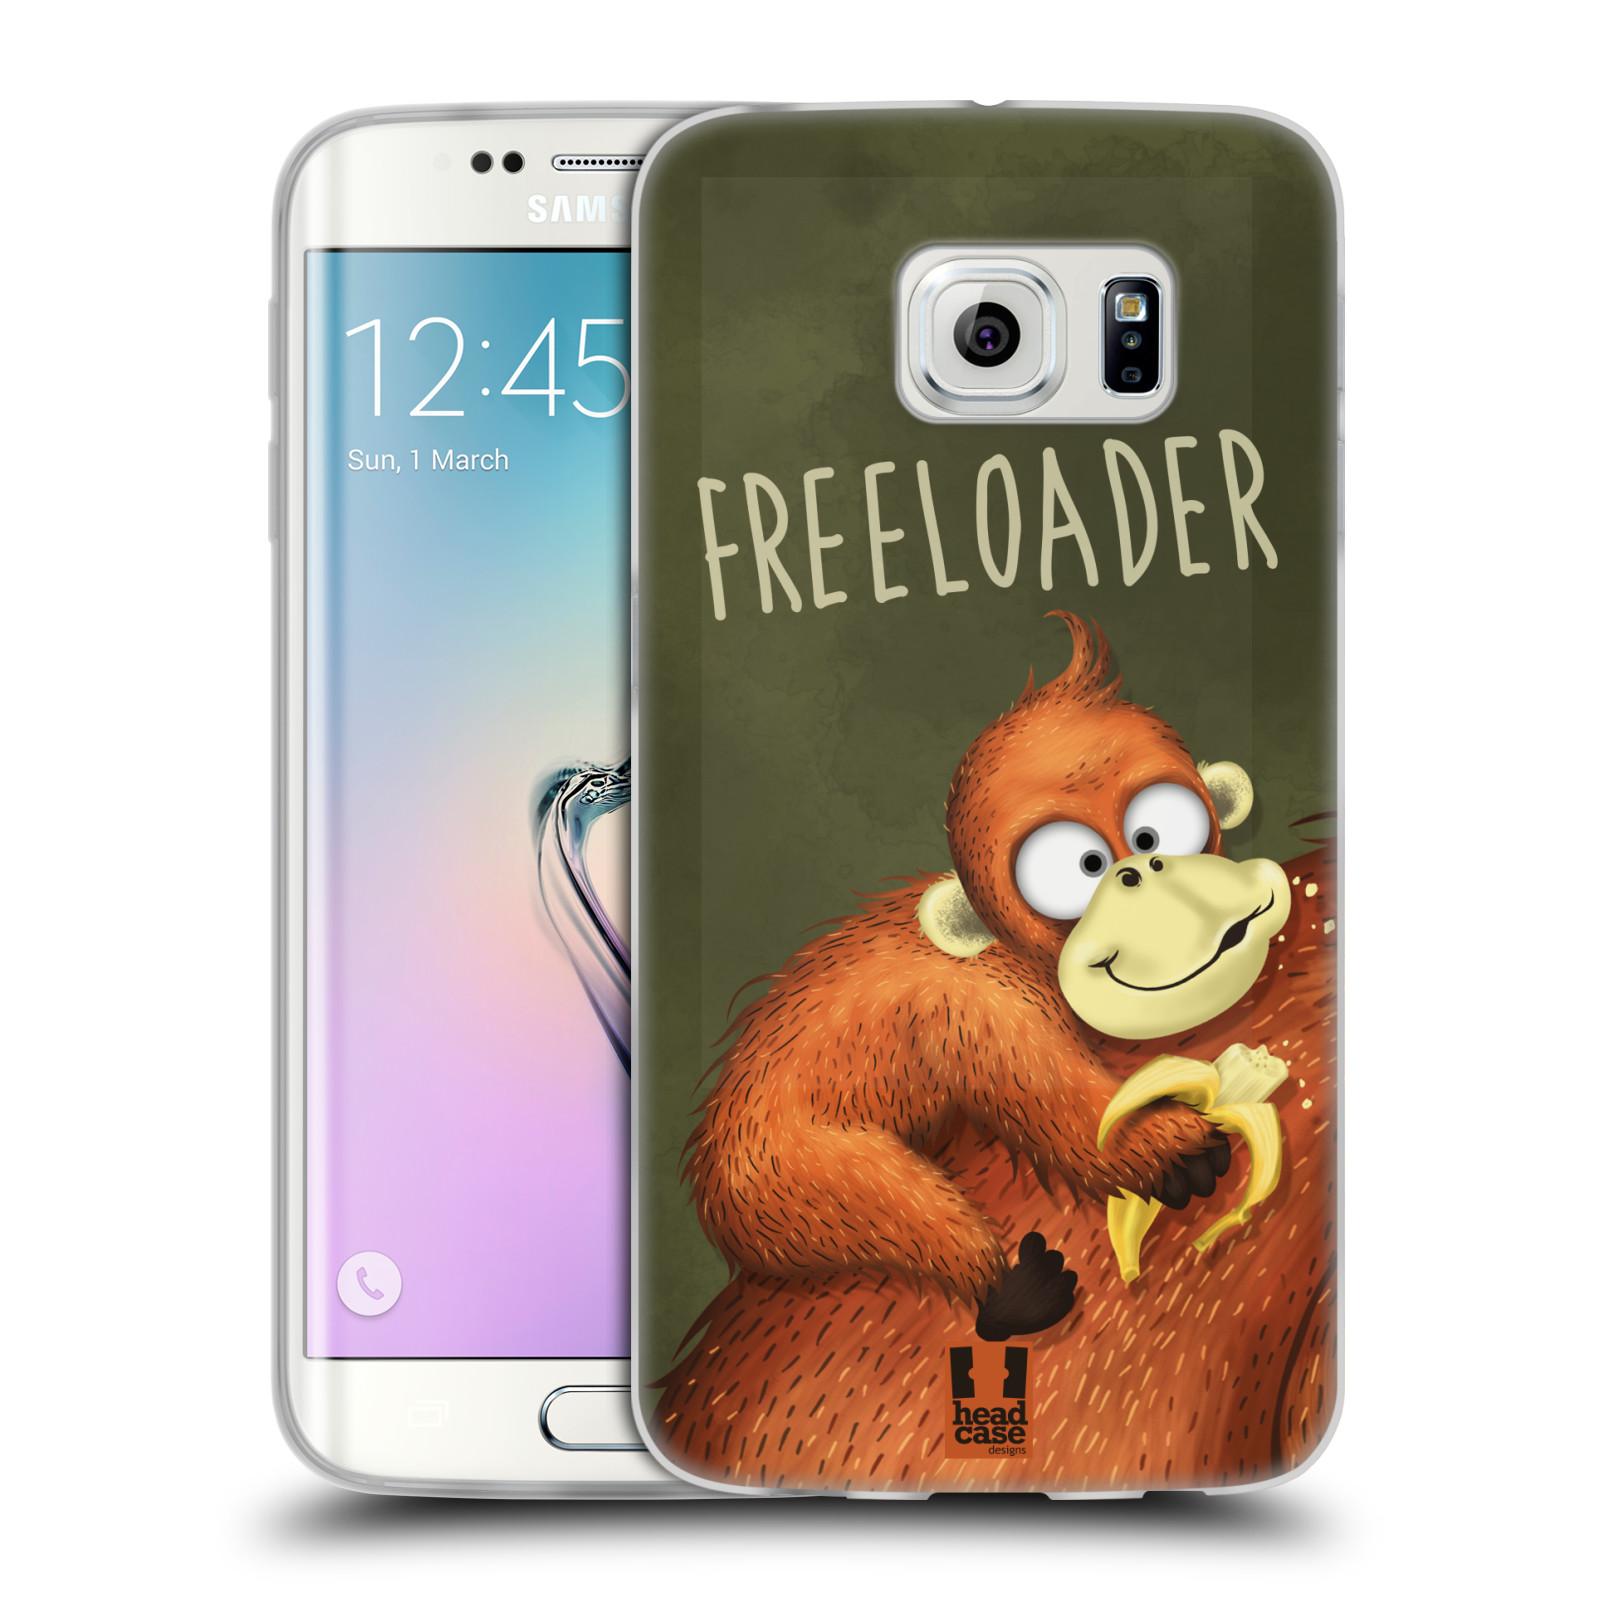 Silikonové pouzdro na mobil Samsung Galaxy S6 Edge HEAD CASE Opičák Freeloader (Silikonový kryt či obal na mobilní telefon Samsung Galaxy S6 Edge SM-G925F)